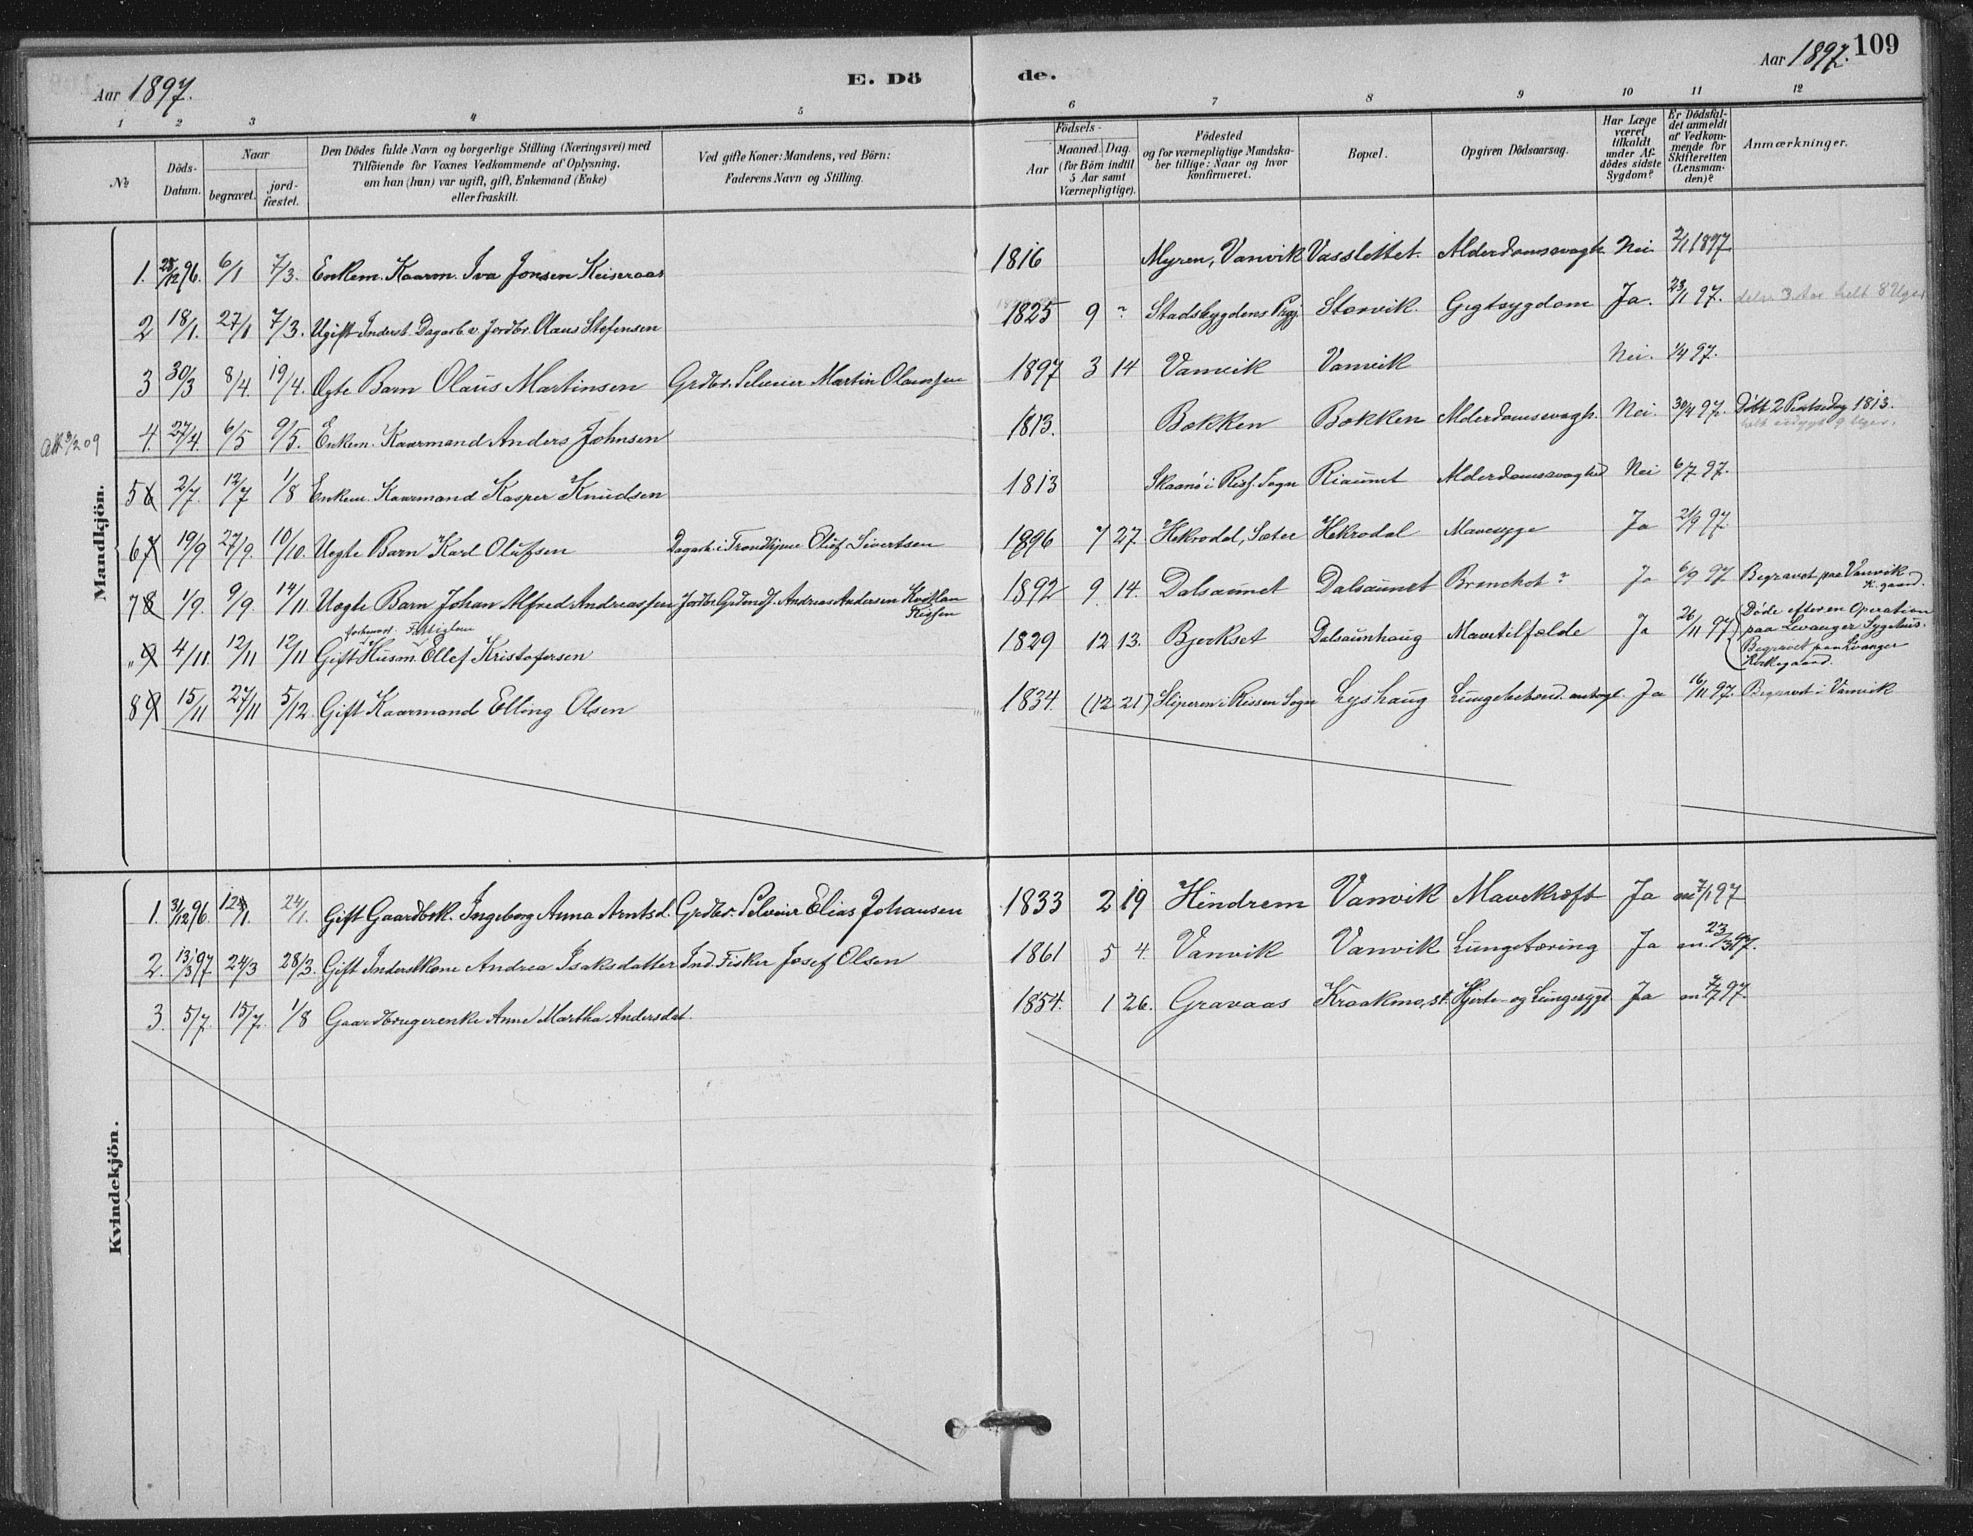 SAT, Ministerialprotokoller, klokkerbøker og fødselsregistre - Nord-Trøndelag, 702/L0023: Ministerialbok nr. 702A01, 1883-1897, s. 109